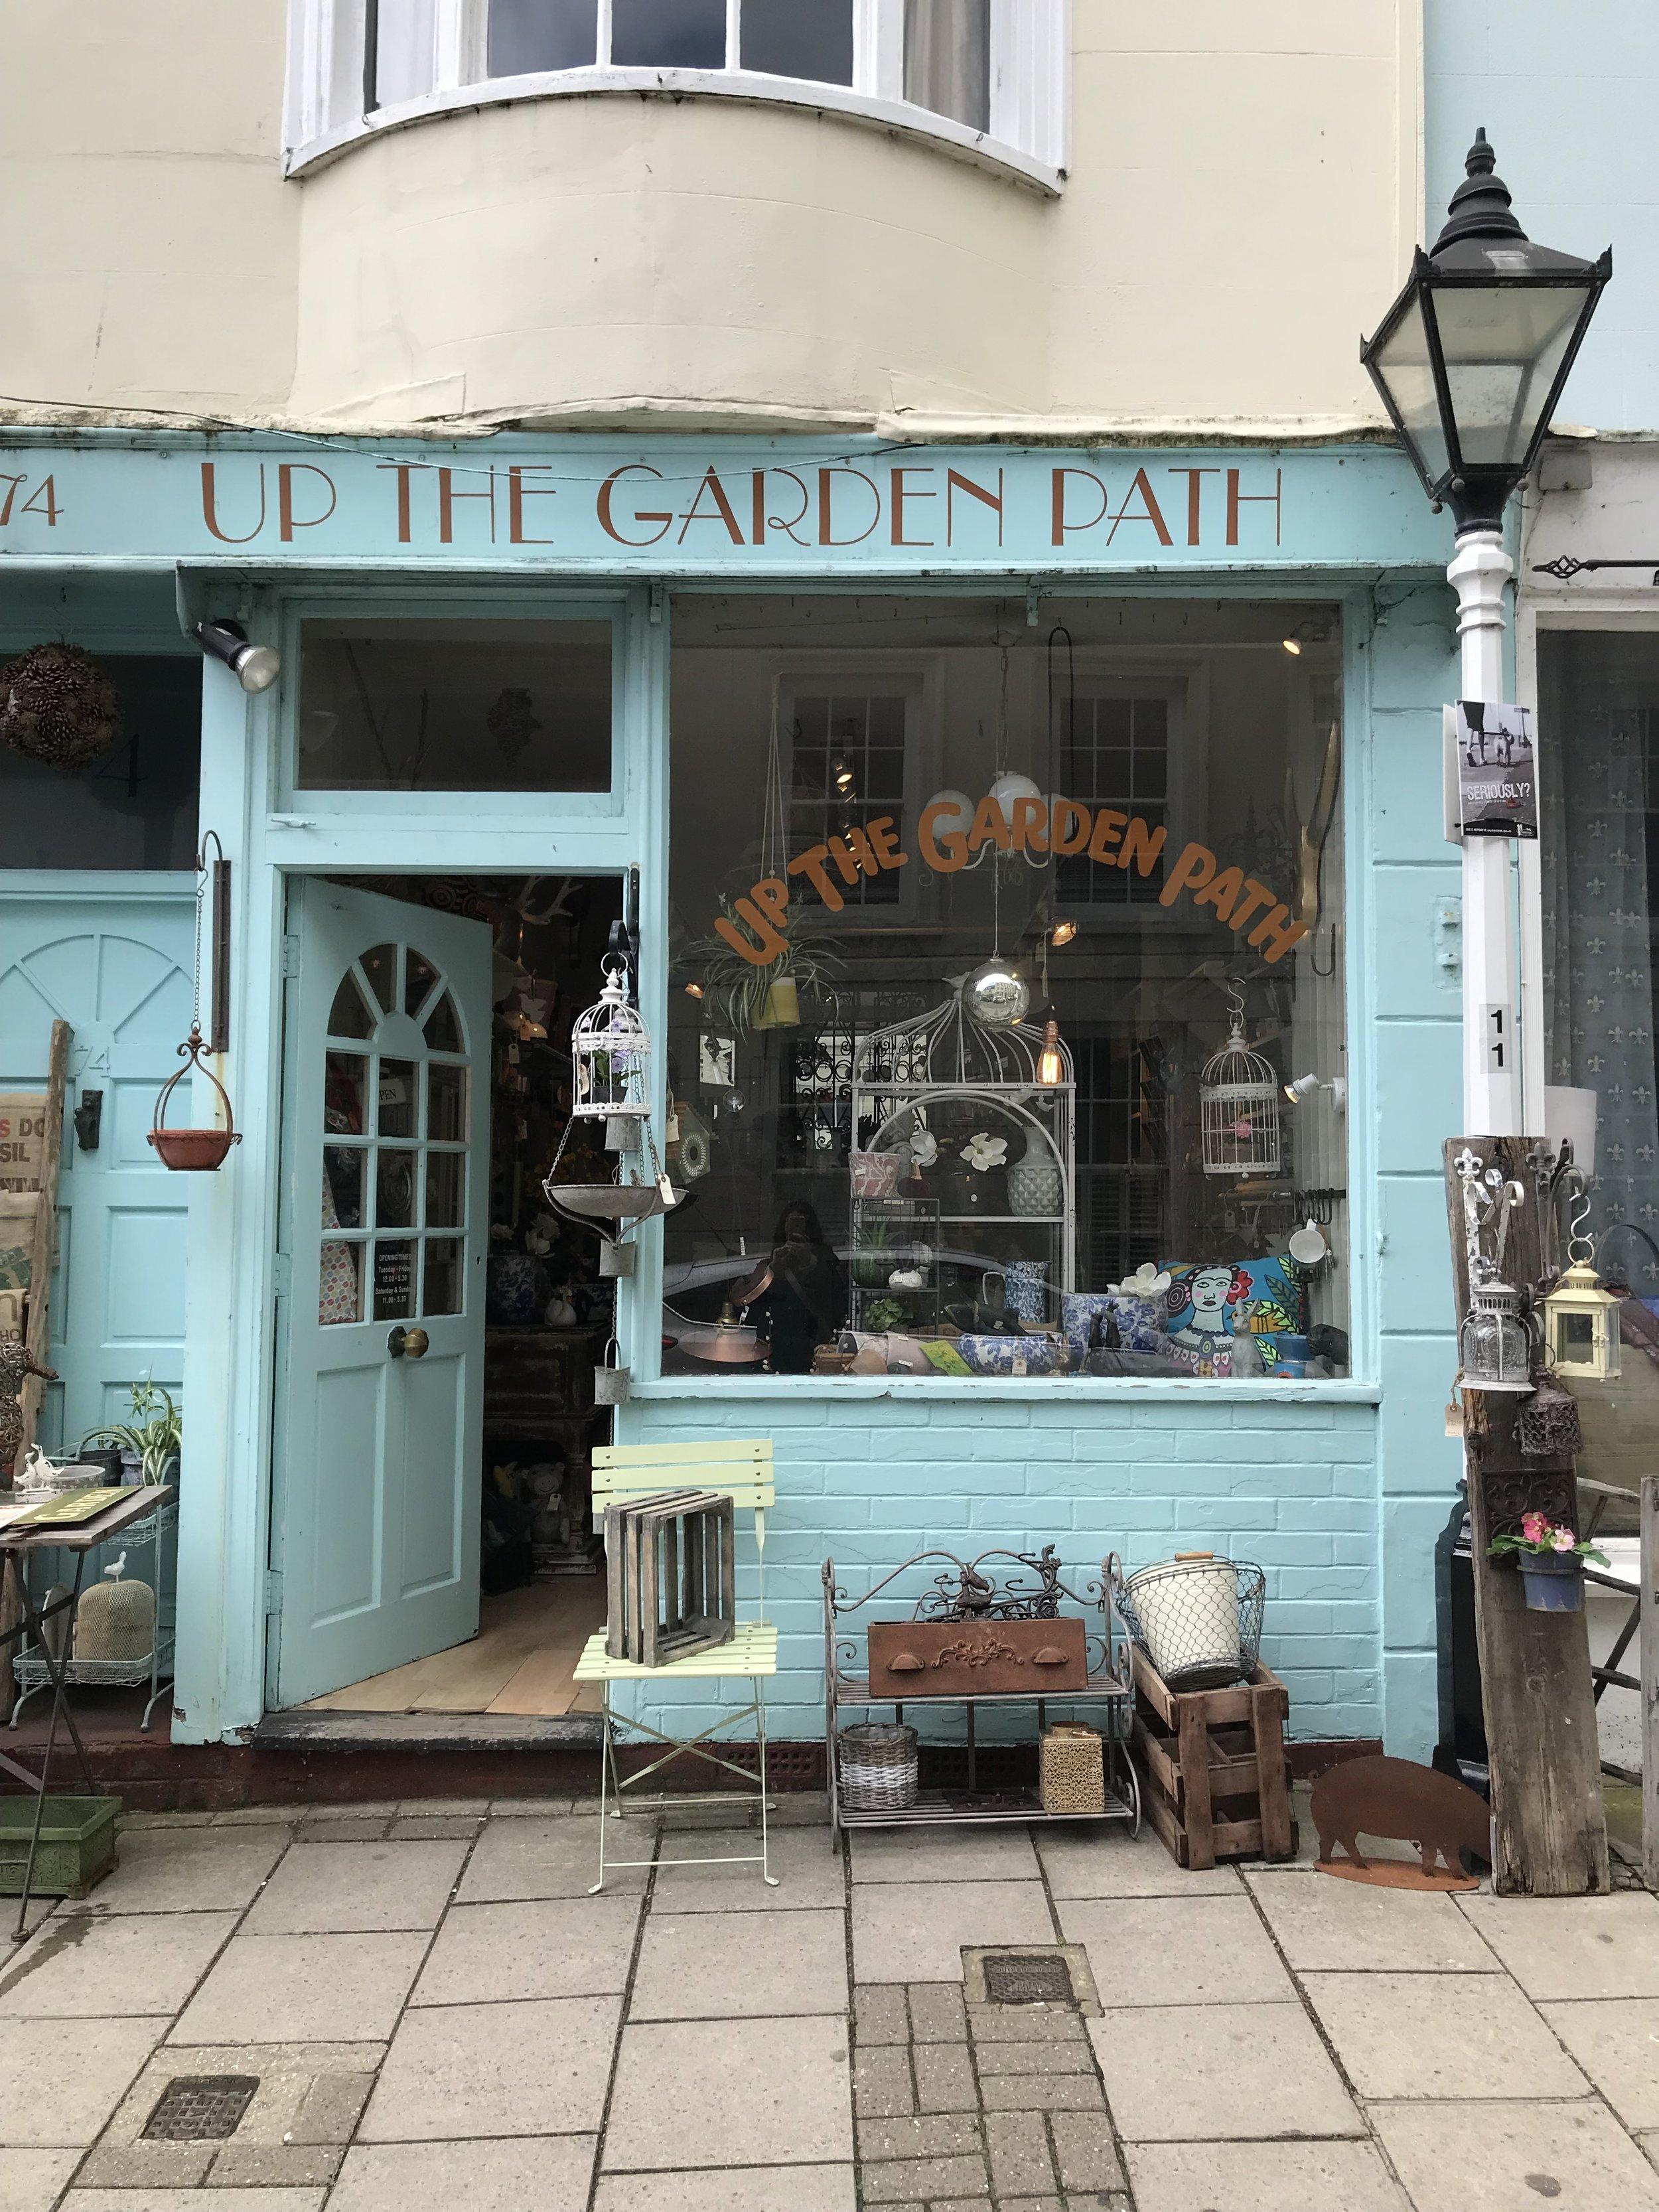 A beautiful little garden shop